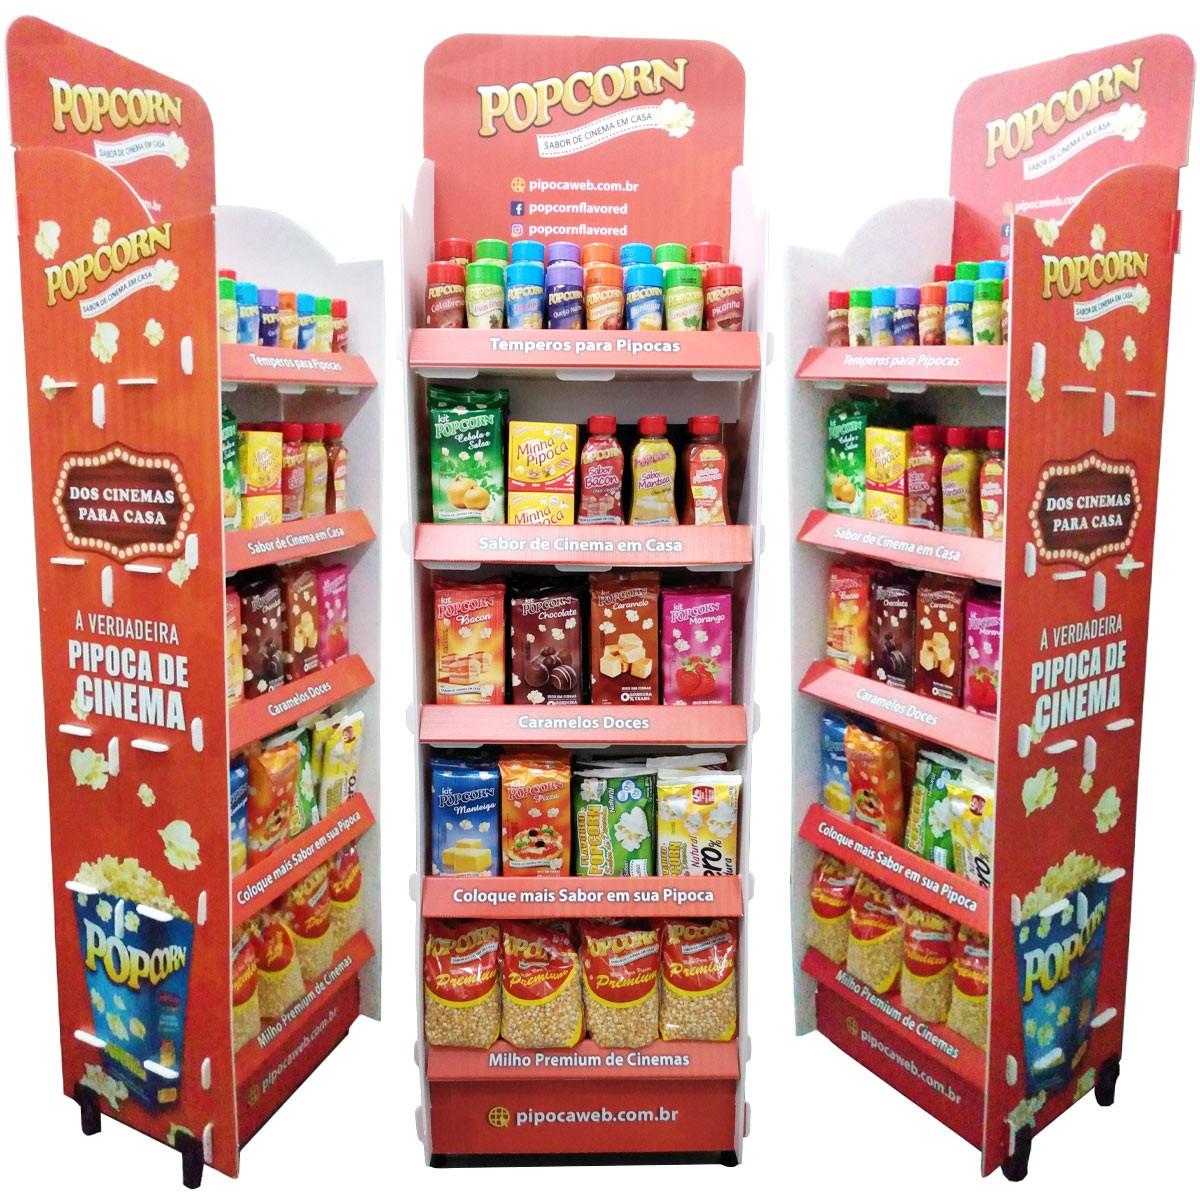 Expositor de produtos Popcorn - Display de chão